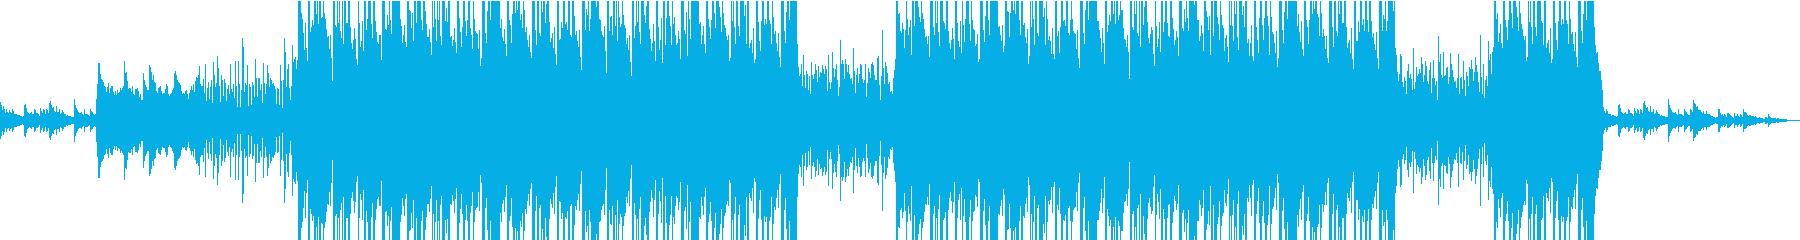 エモーショナルなピアノが印象的なビートの再生済みの波形